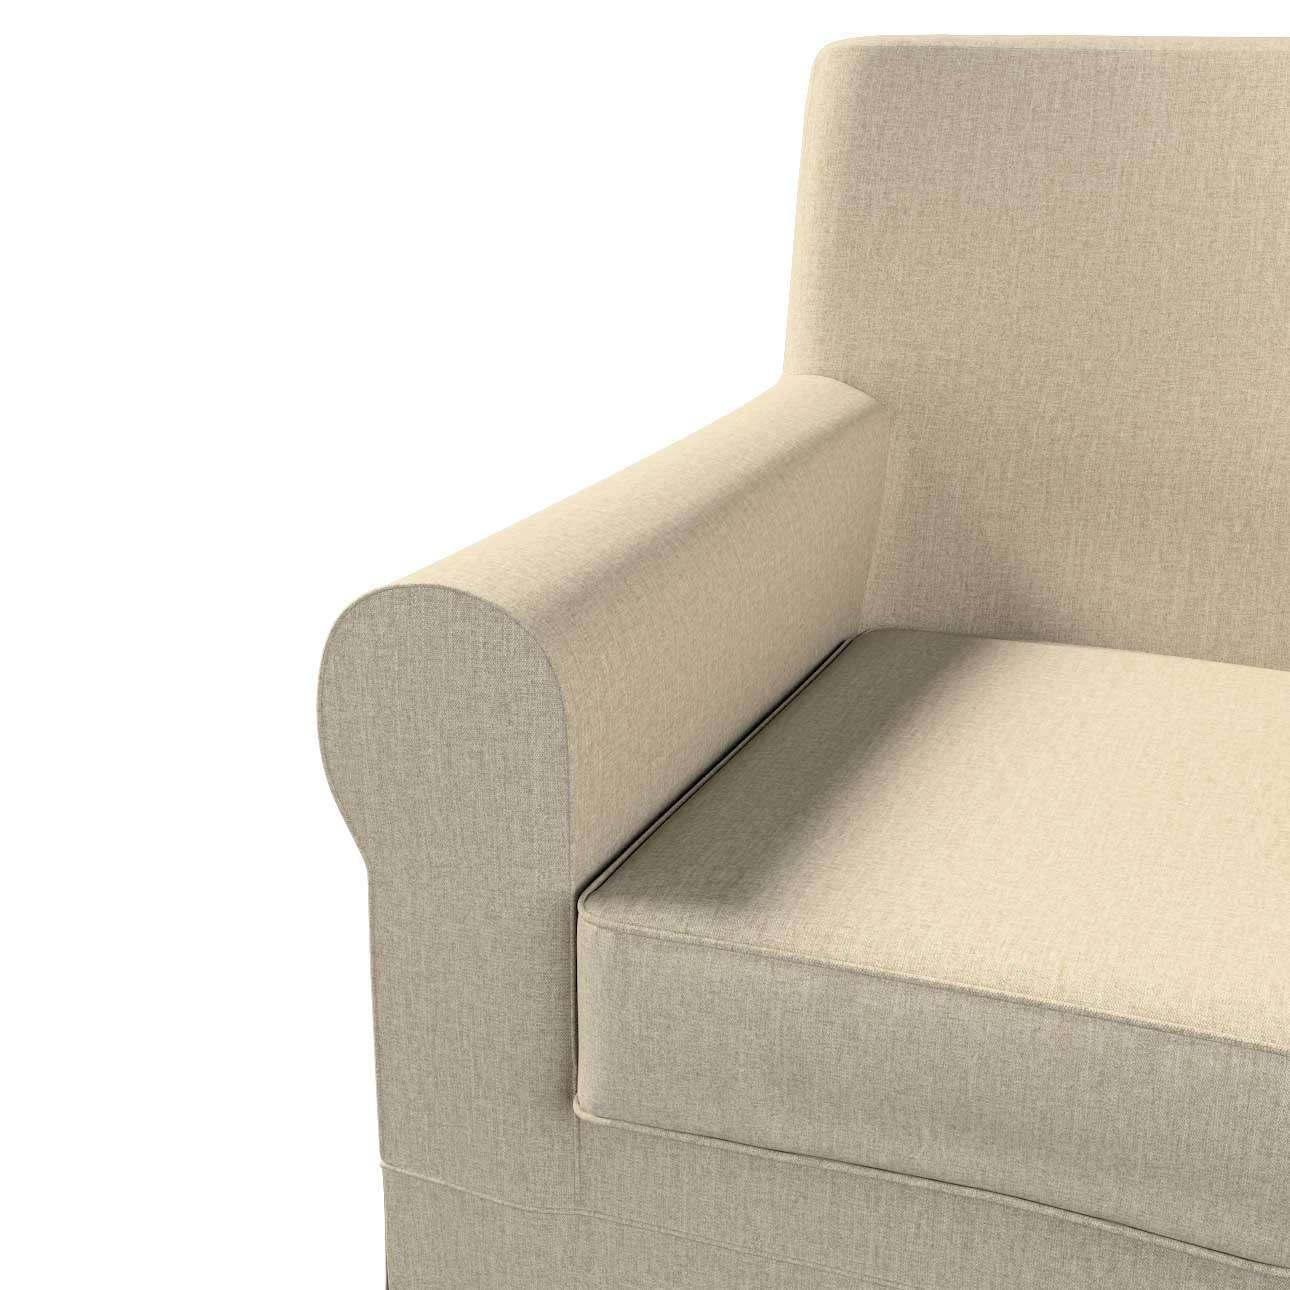 Pokrowiec na fotel Ektorp Jennylund w kolekcji City, tkanina: 704-80